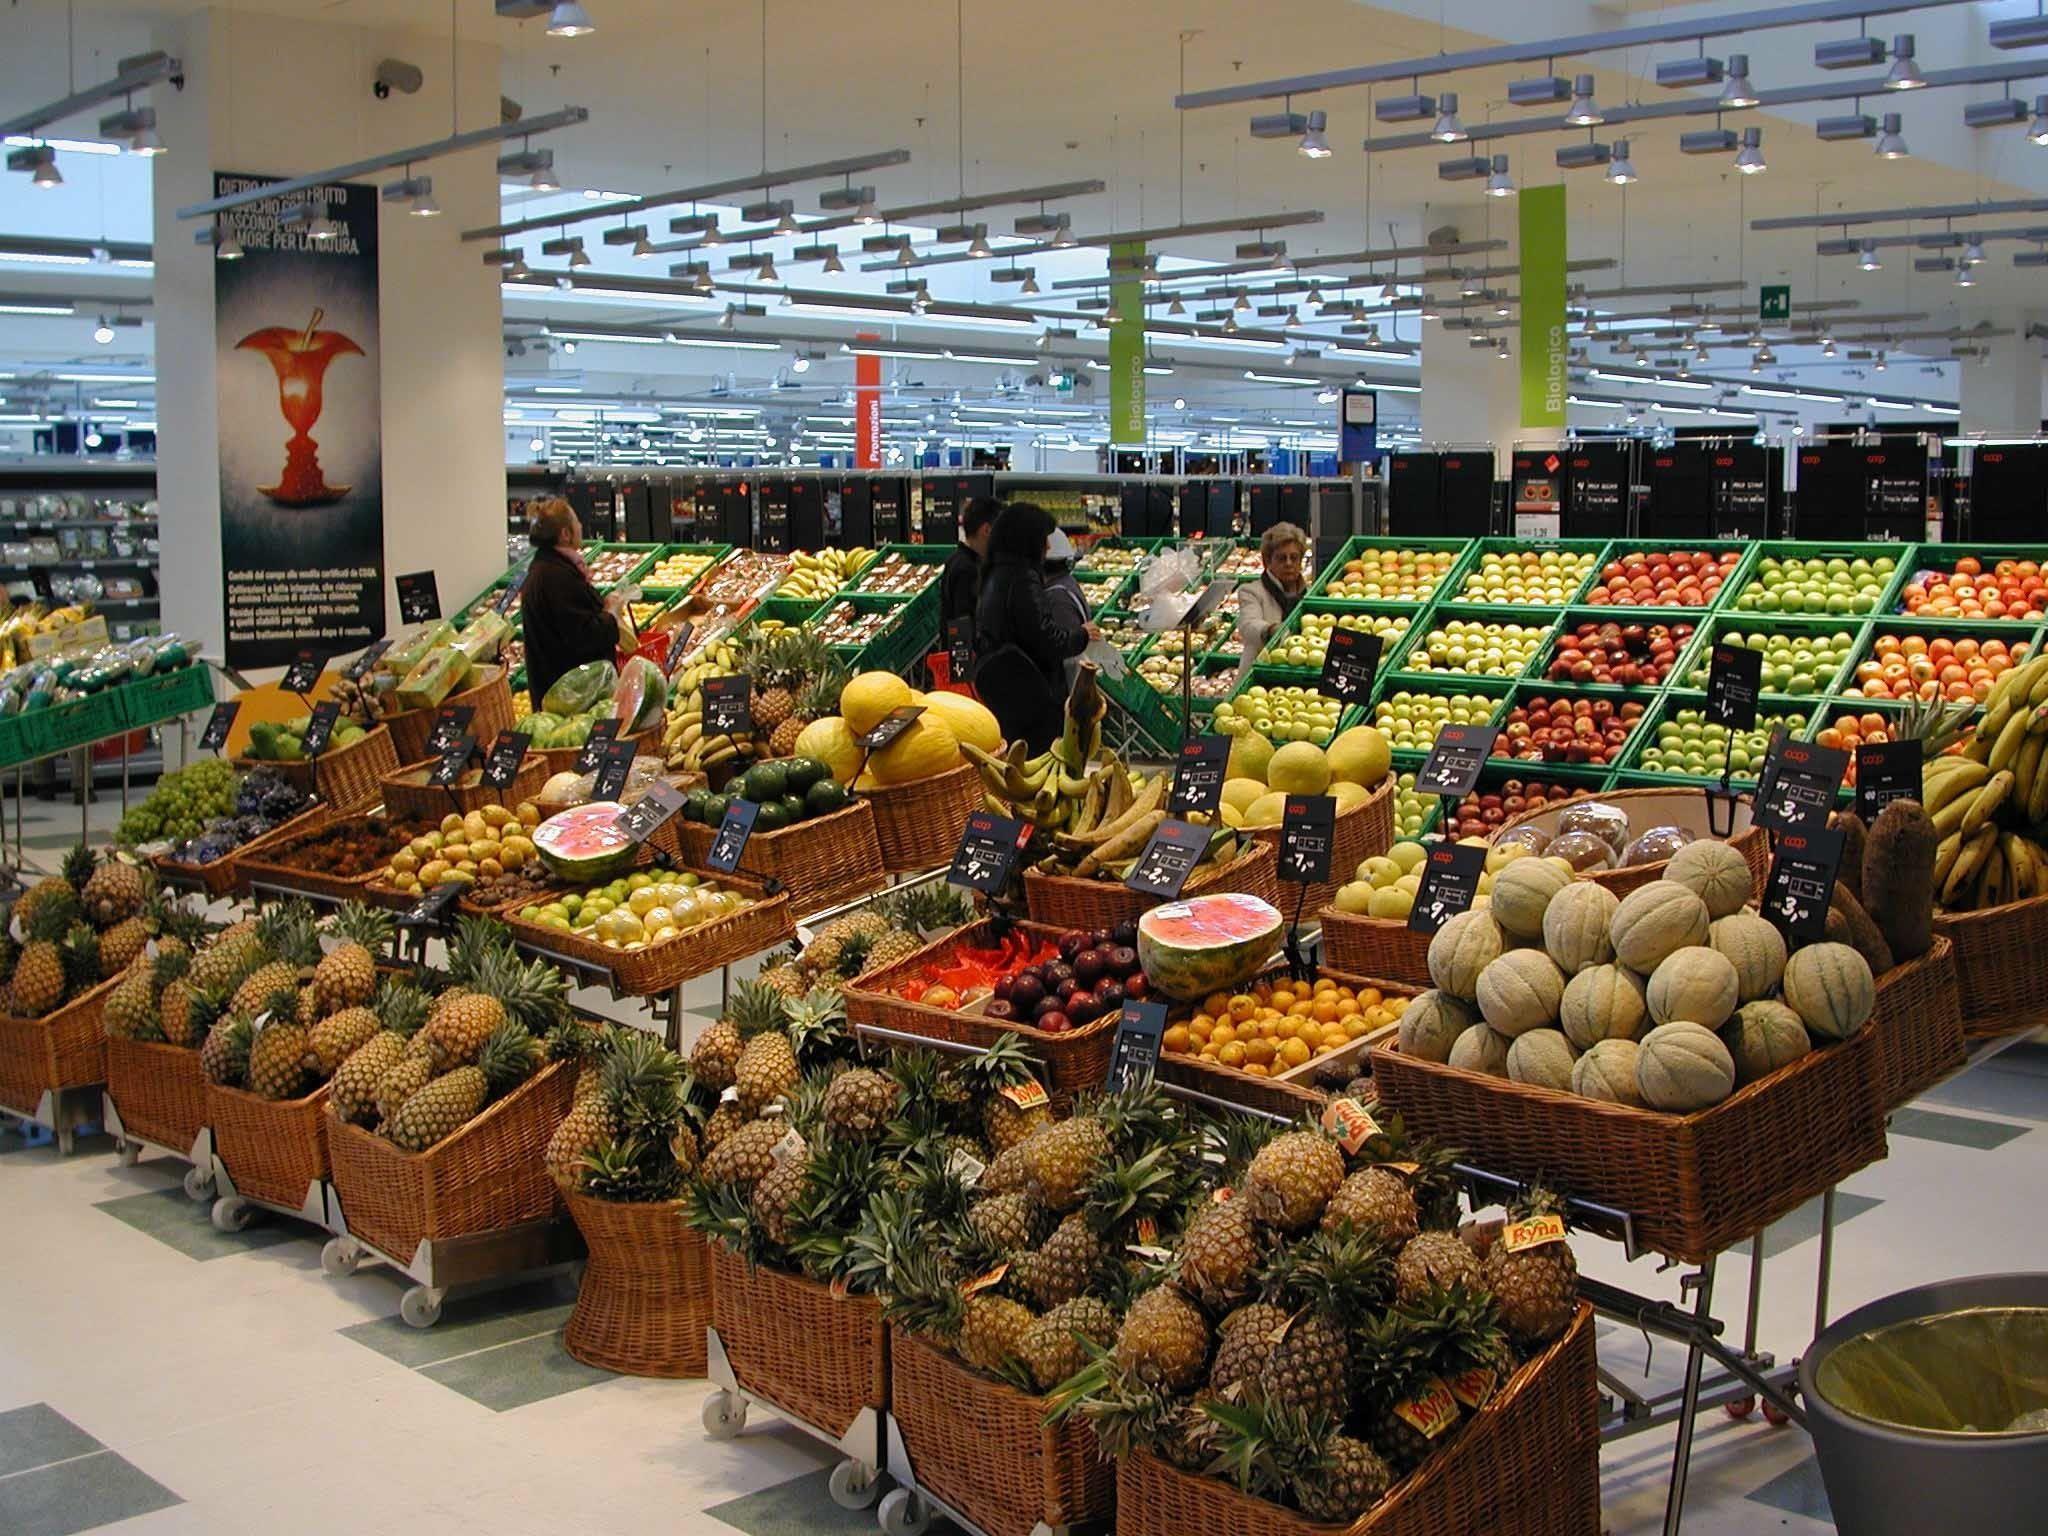 Sciopero supermercati 7 novembre: resteremo anche senza latte